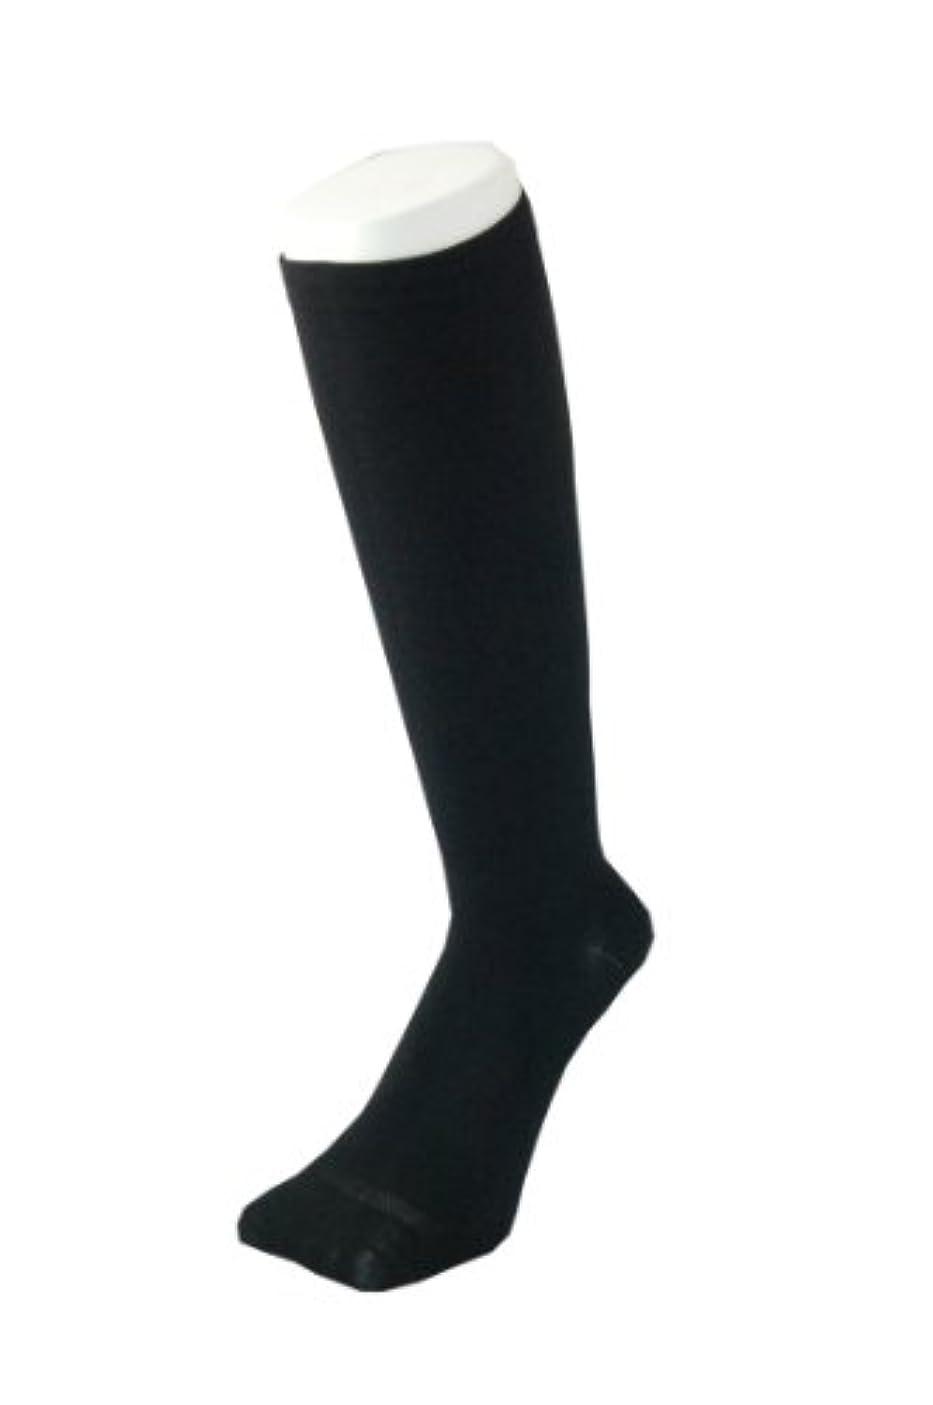 行進適応する検出するPAX-ASIAN 紳士 メンズ 着圧靴下 ムクミ解消 締め付け サポート ハイソックス (抗菌加工) 1足組 #800 (黒)